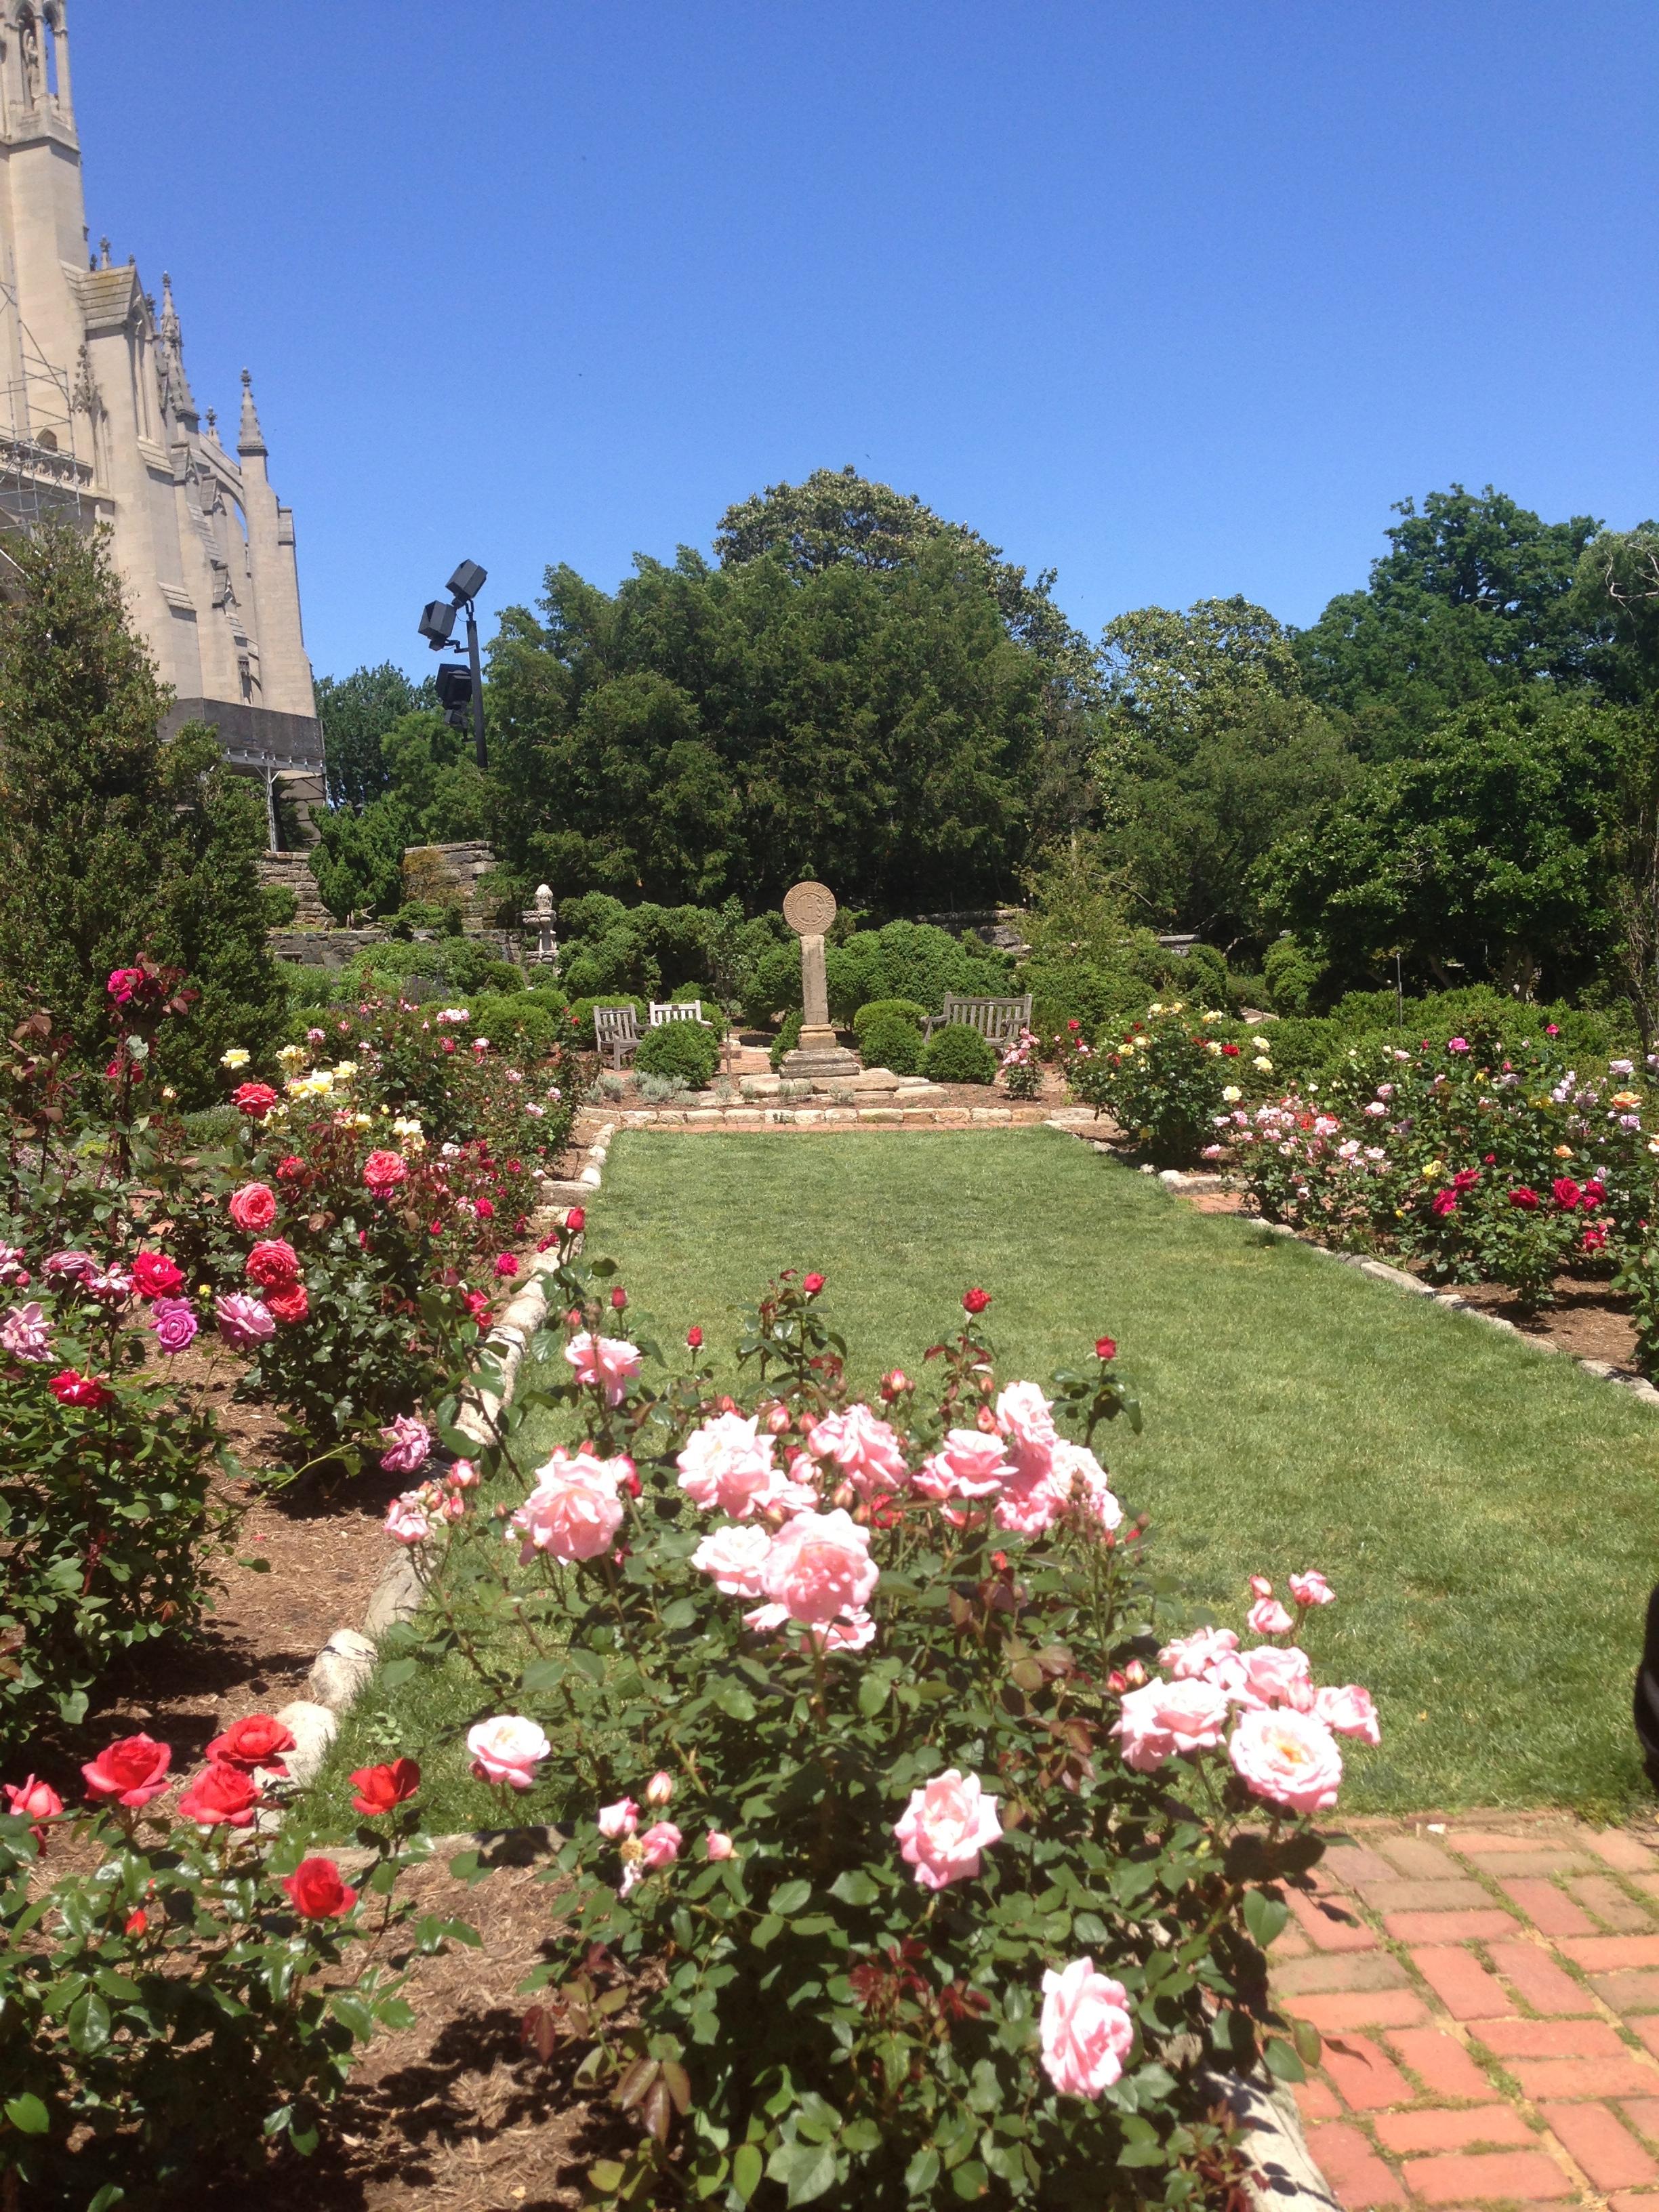 Cathedral Bishop's Garden